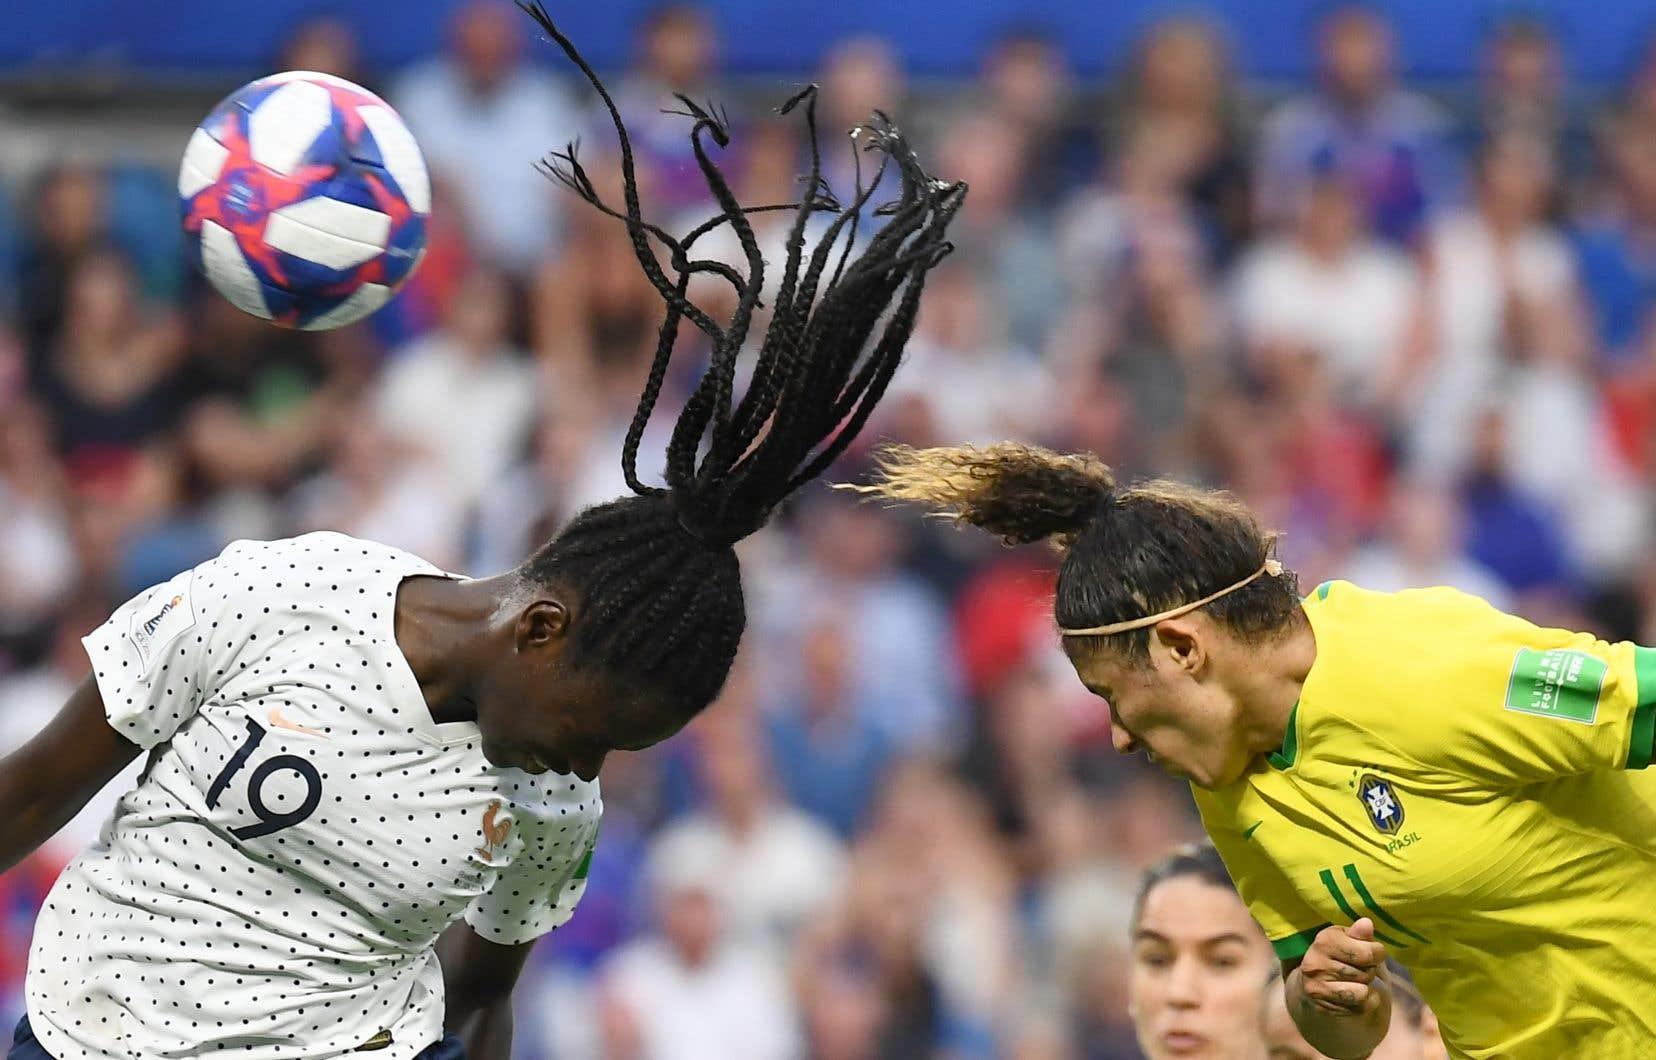 La Française Griedge Mbock (à gauche) et la Brésilienne Cristiane, pendant la Coupe du monde féminine de football 2019, auHavre. Il existe un réel décalage entre l'ultra-médiatisation des joueuses durant cet événement et leur professionnalisation.